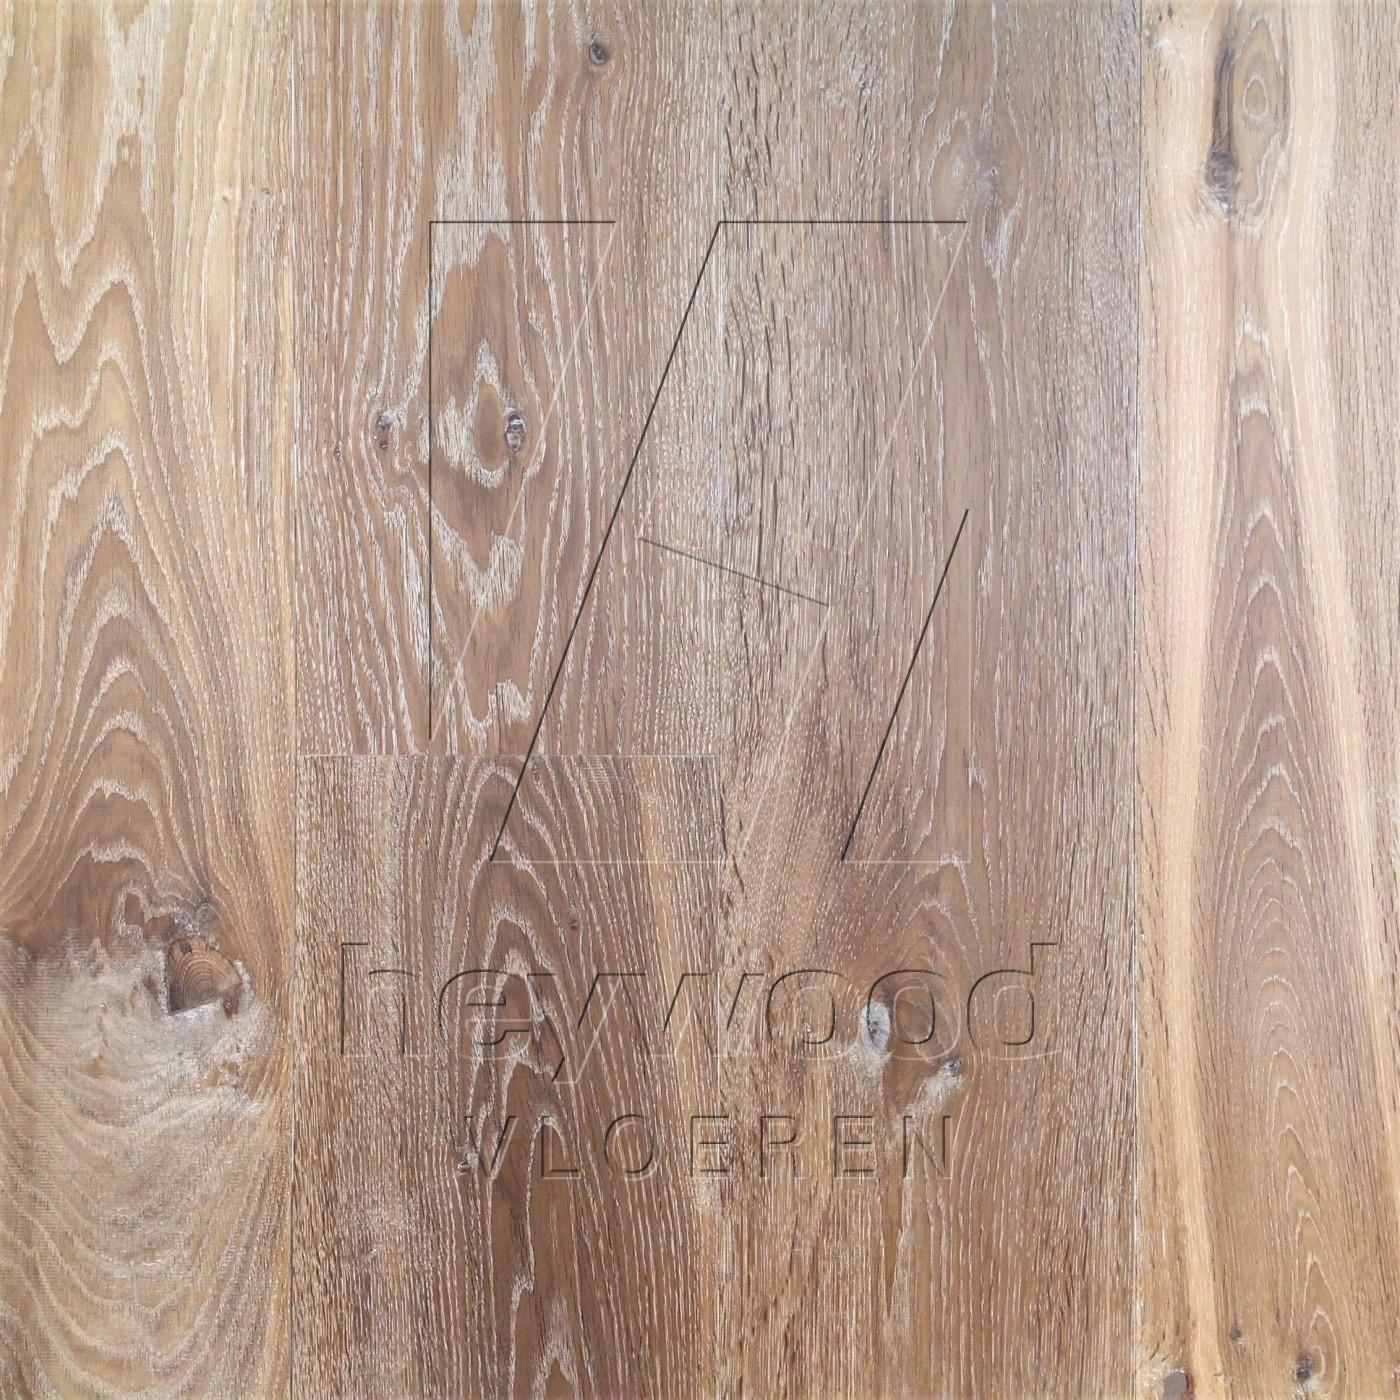 CPlank Kaprun in European Oak Character of Bespoke Wooden Floors